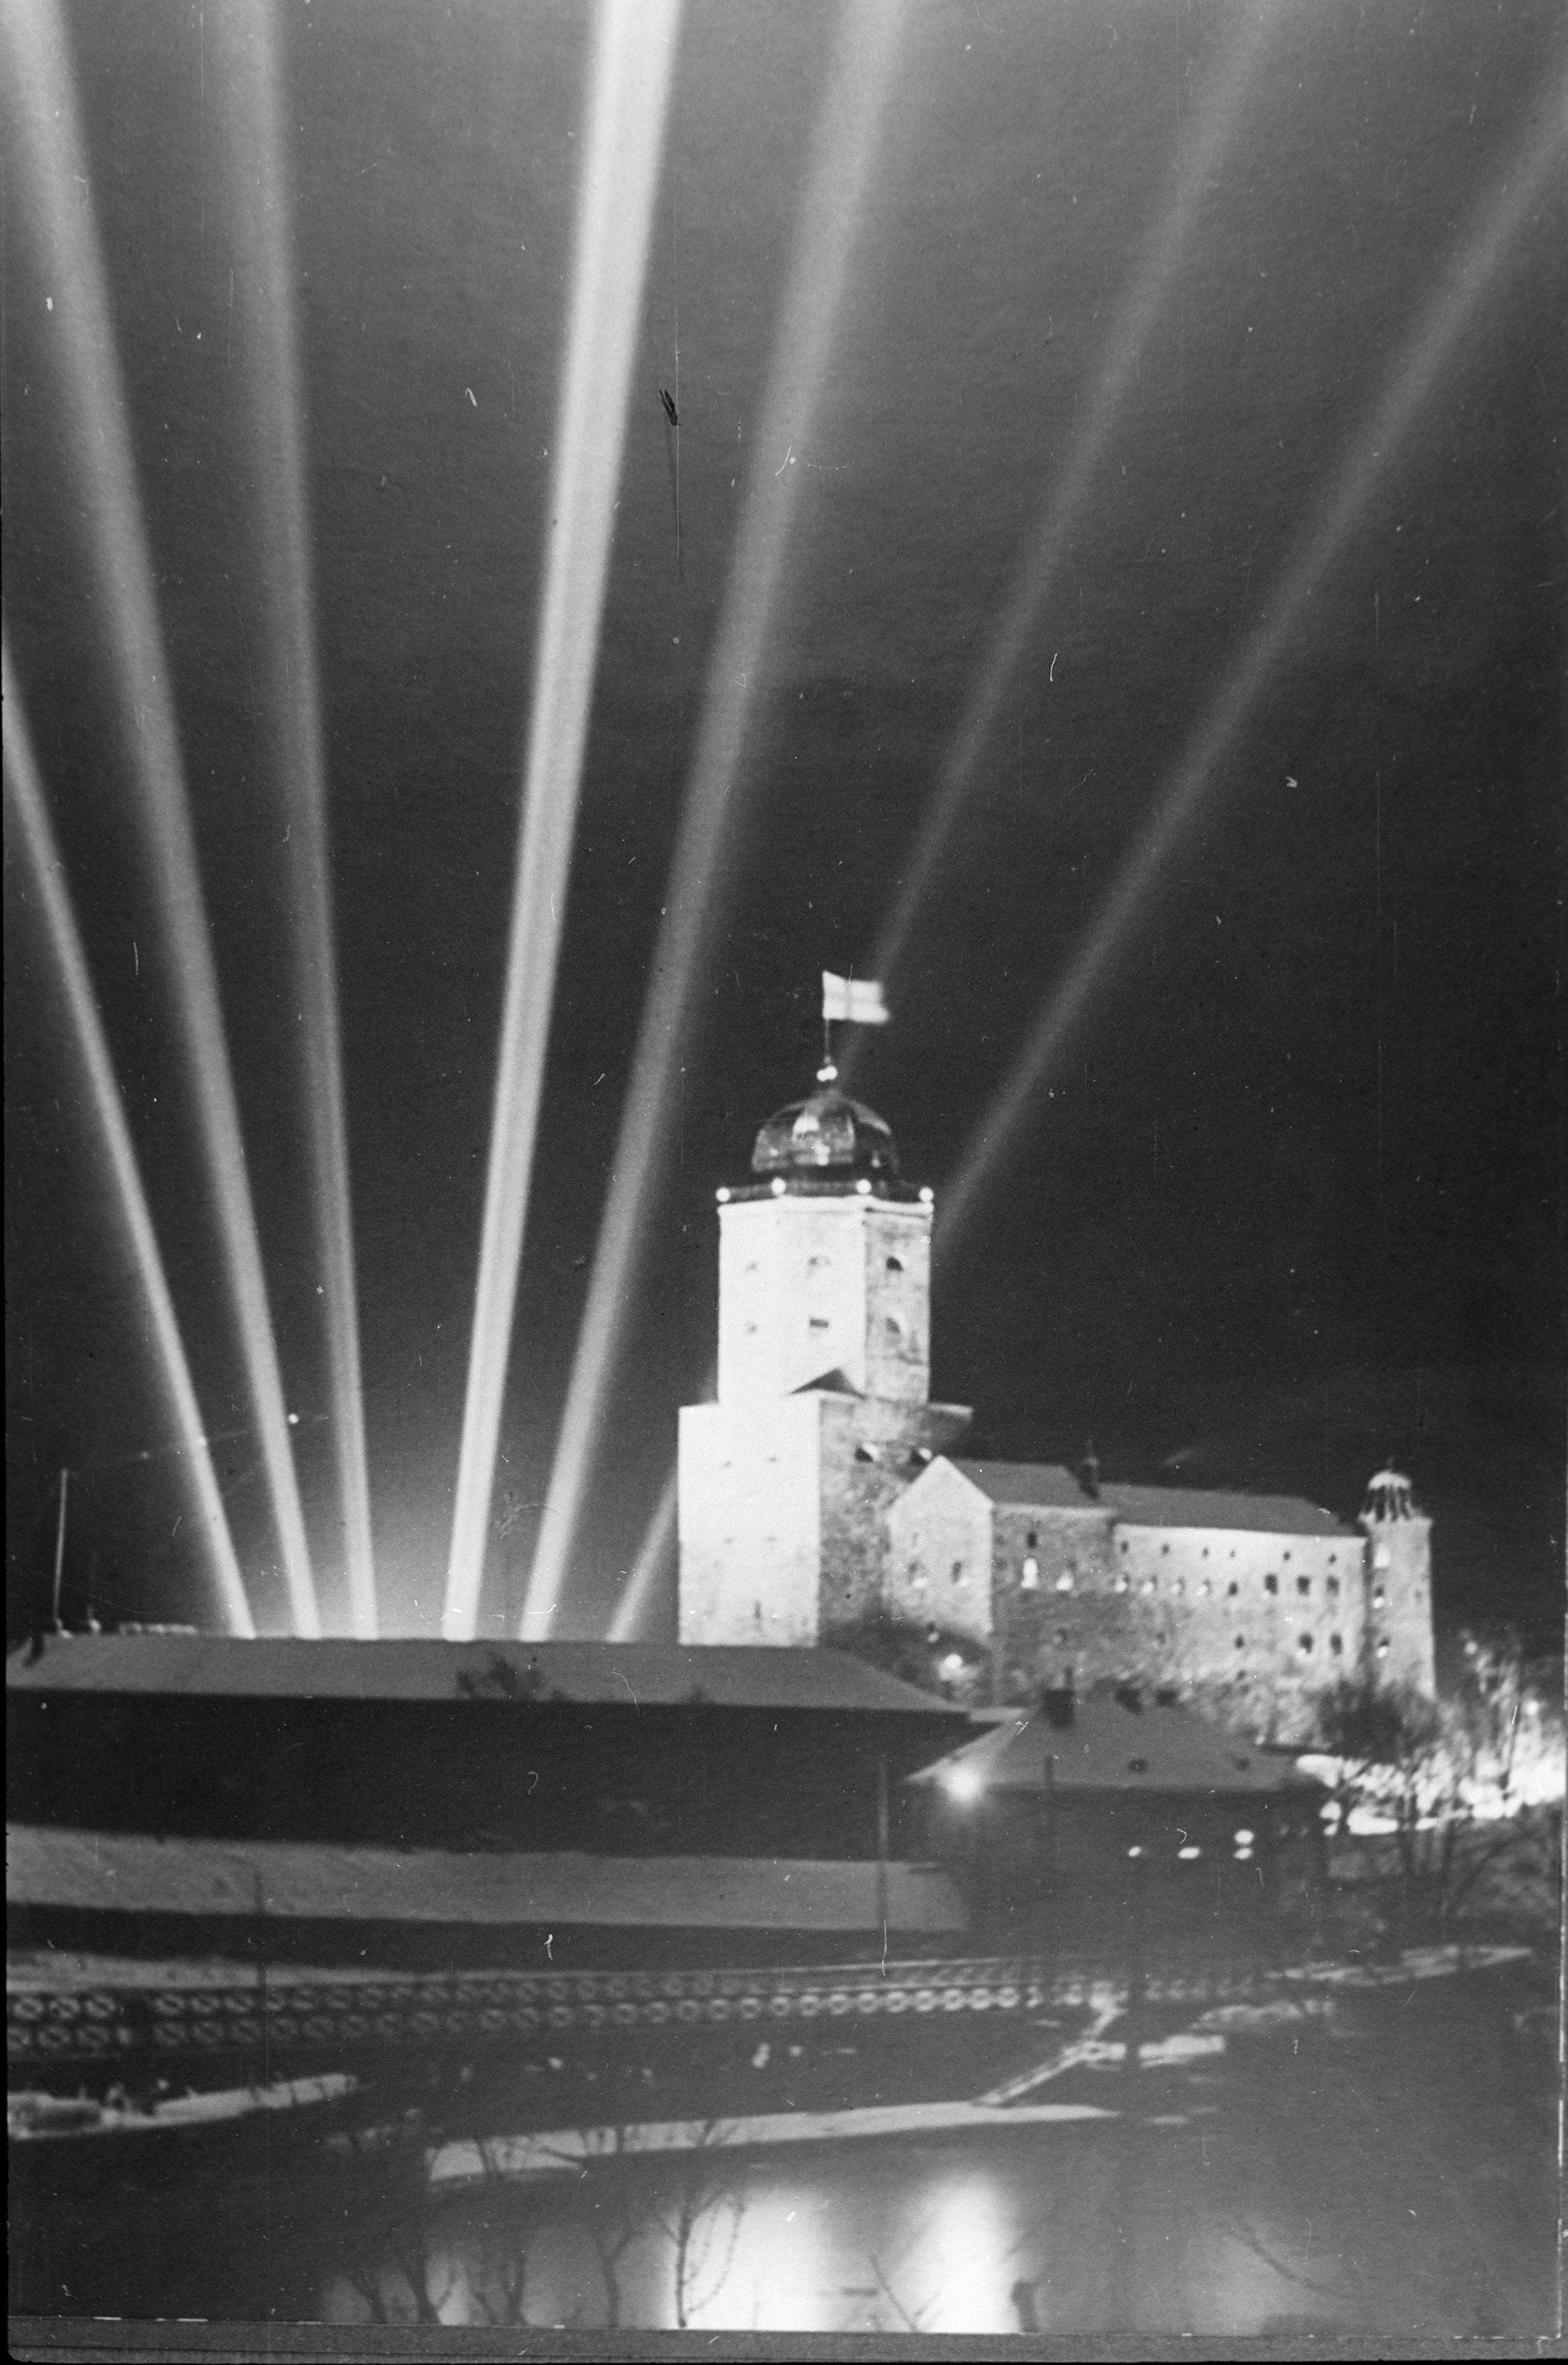 Viipurin linna juhlavalaistuksessa Suomen itsenäisyyden 20-vuotisjuhlan kunniaksi. (Paul Heribert Ukkonen / Museovirasto)